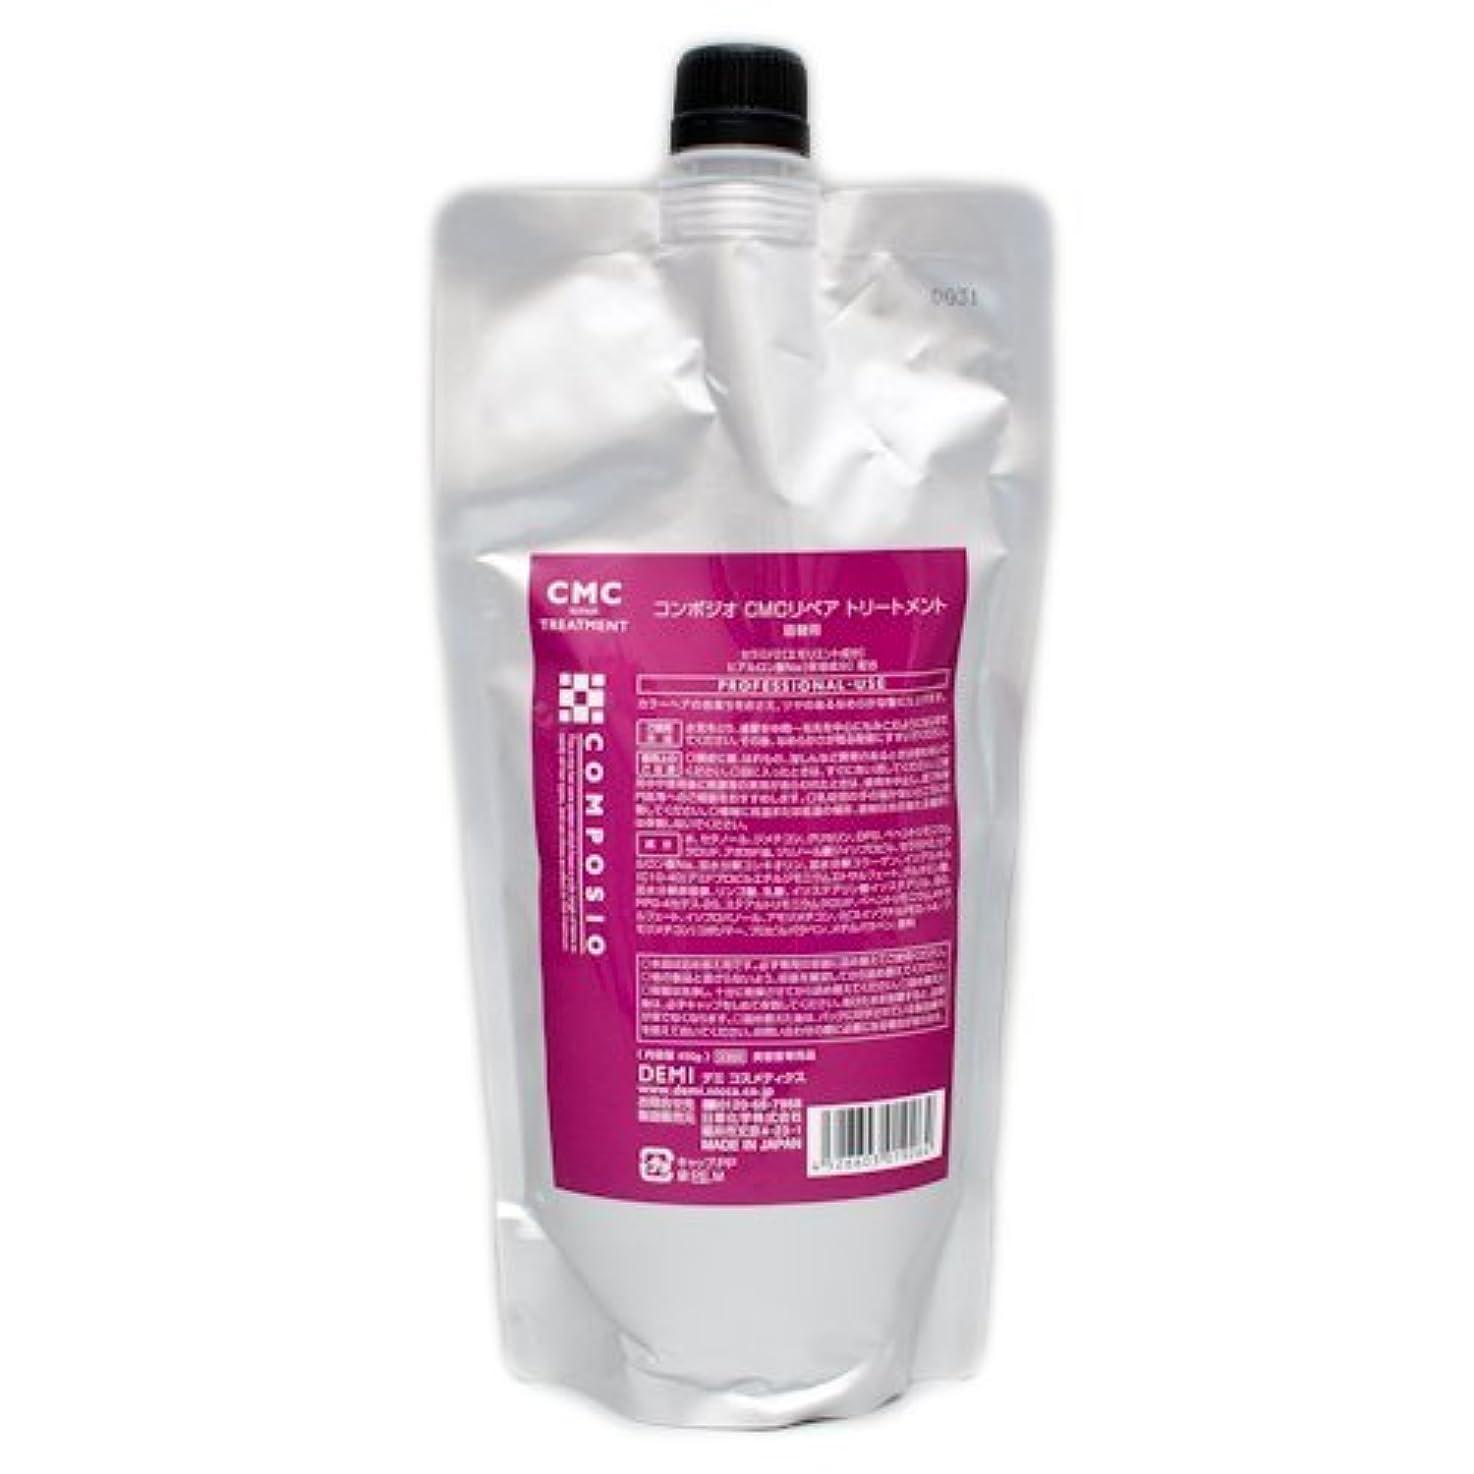 フレア粘液甘美なデミ コンポジオ CMCリペアトリートメント 450g